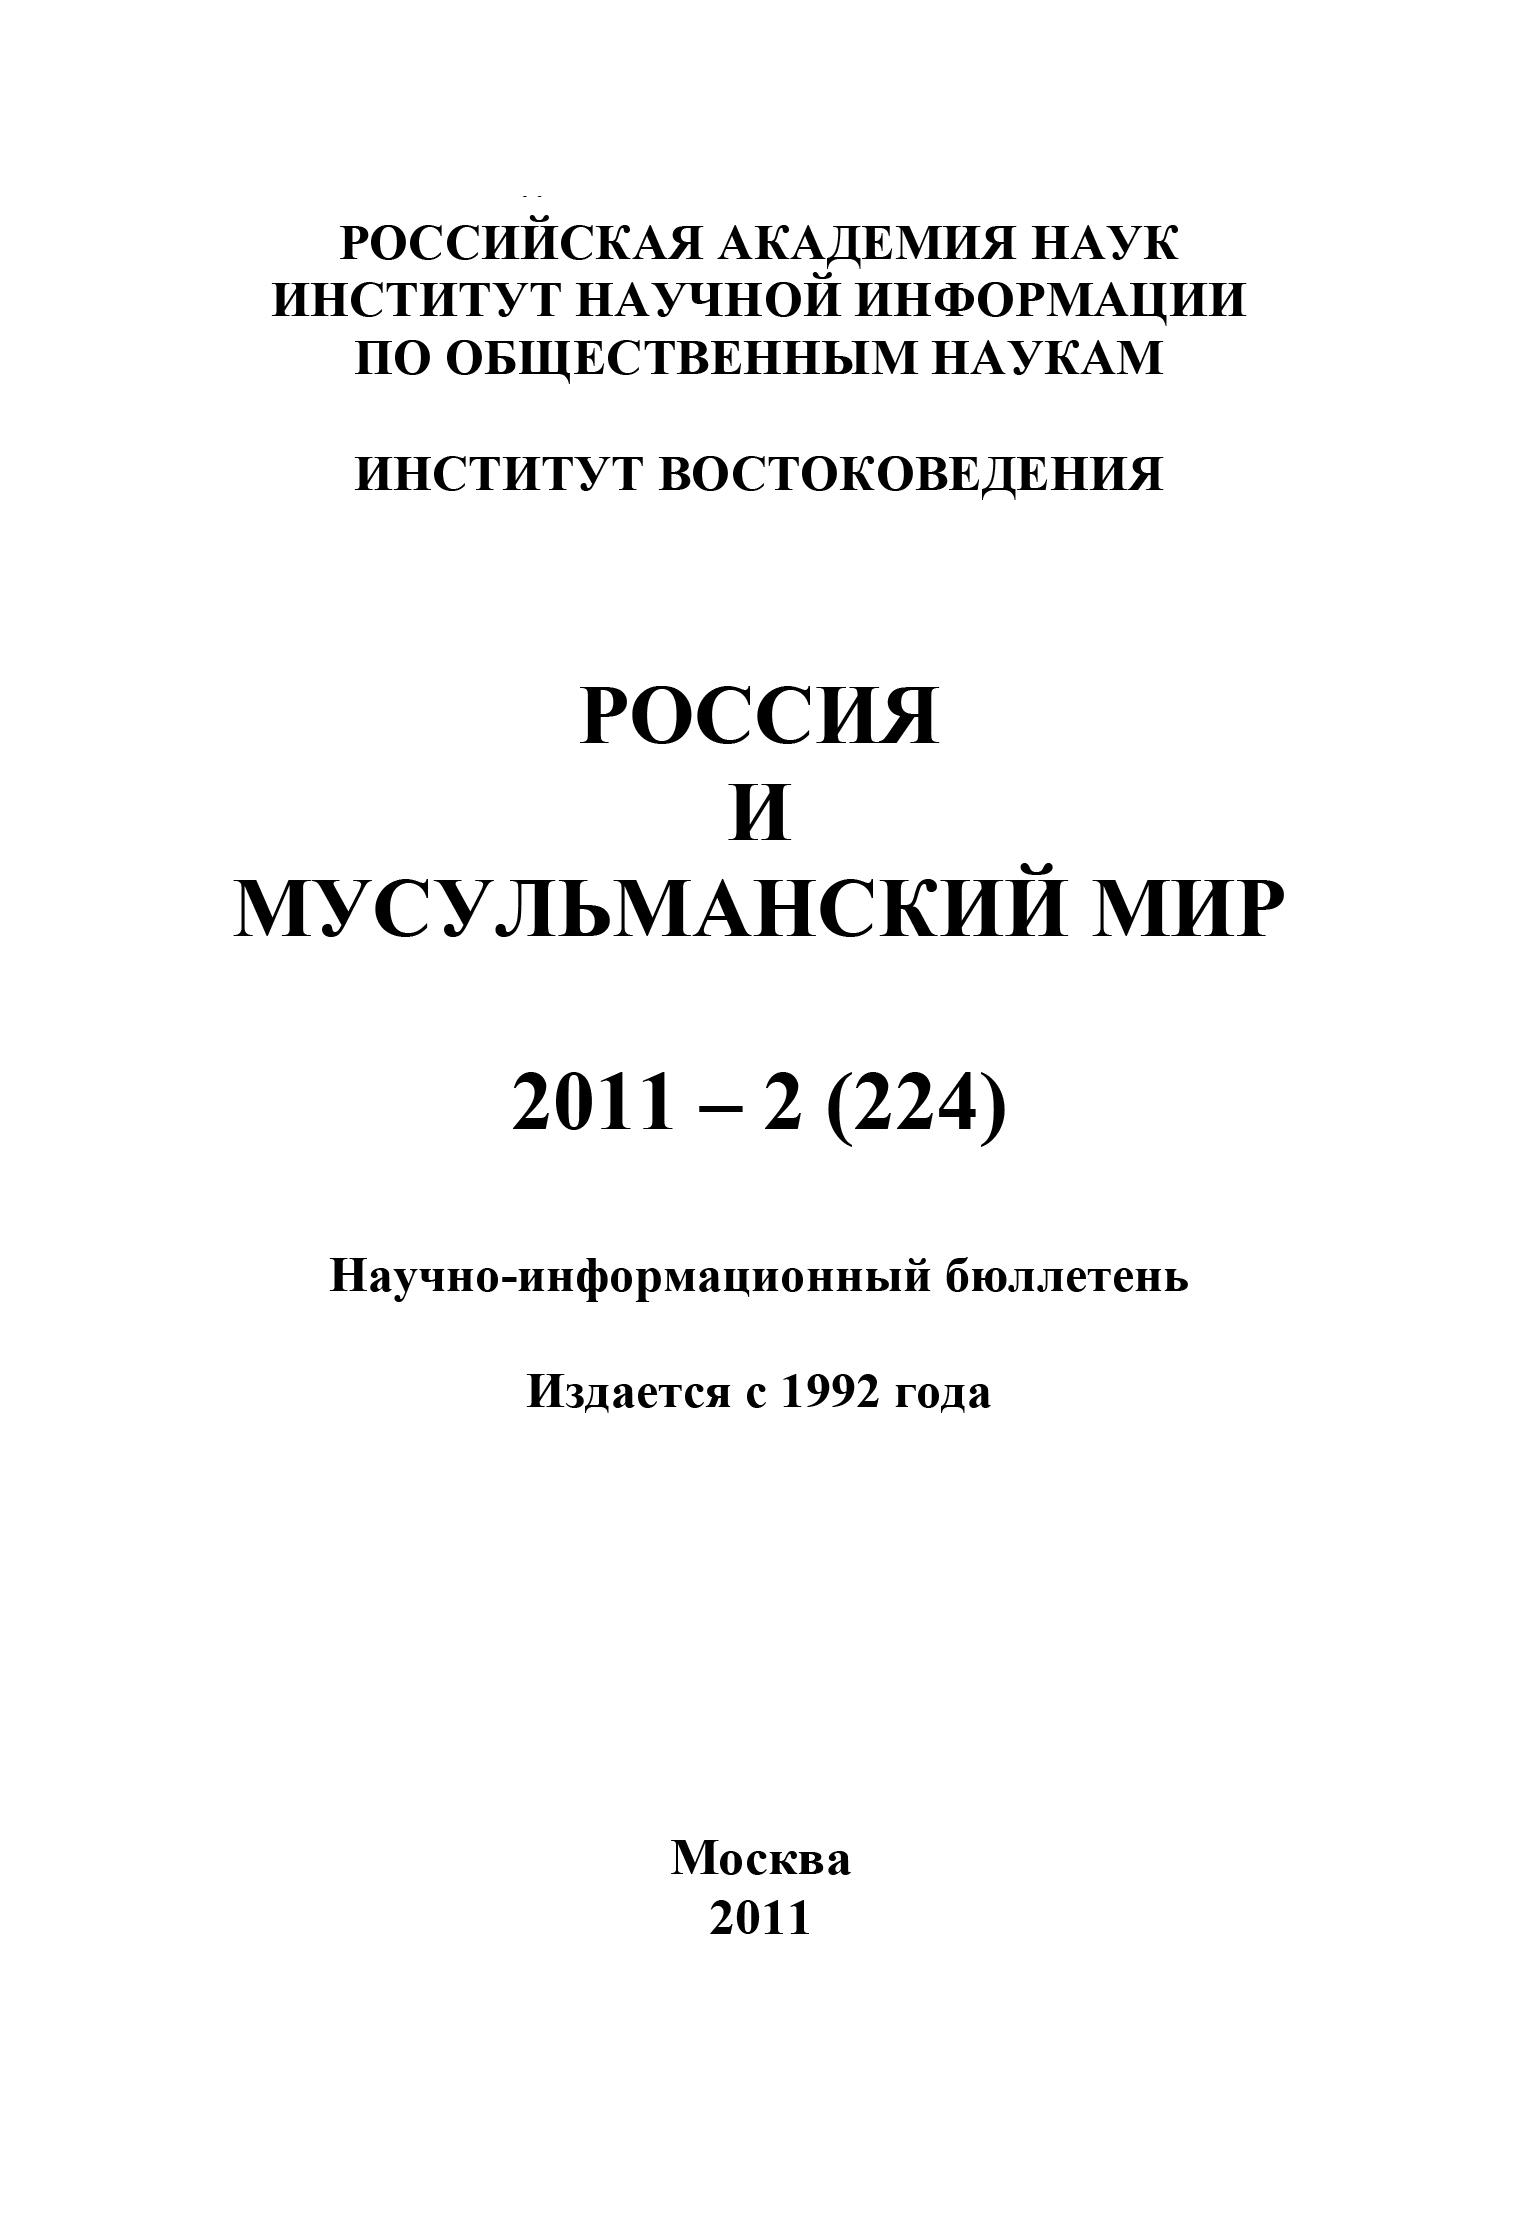 Россия и мусульманский мир № 2 / 2011